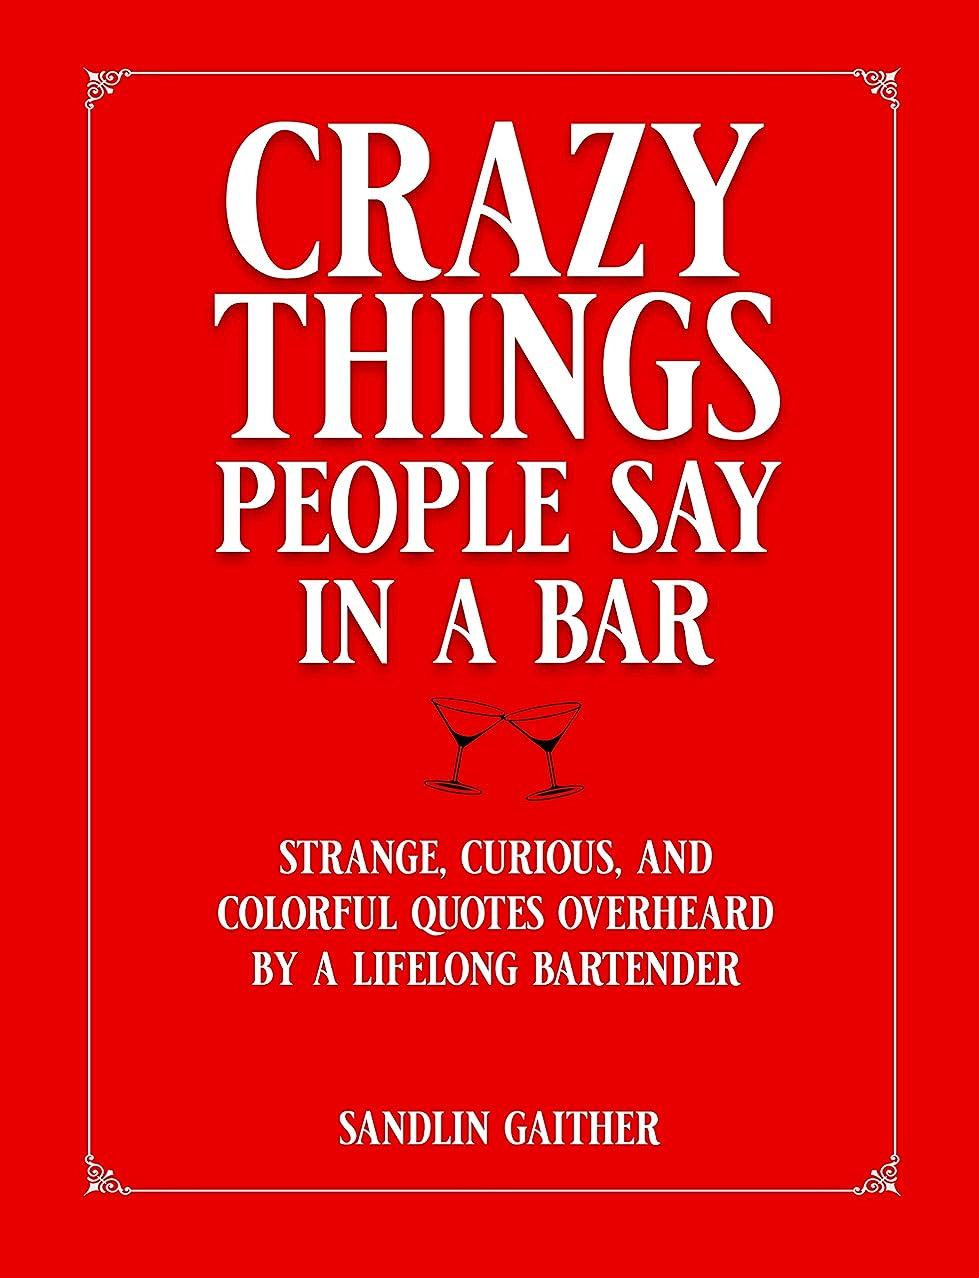 肯定的シェア効果Crazy Things People Say In a Bar: Strange, Curious, and Colorful Quotes Overheard by a Lifelong Bartender (English Edition)